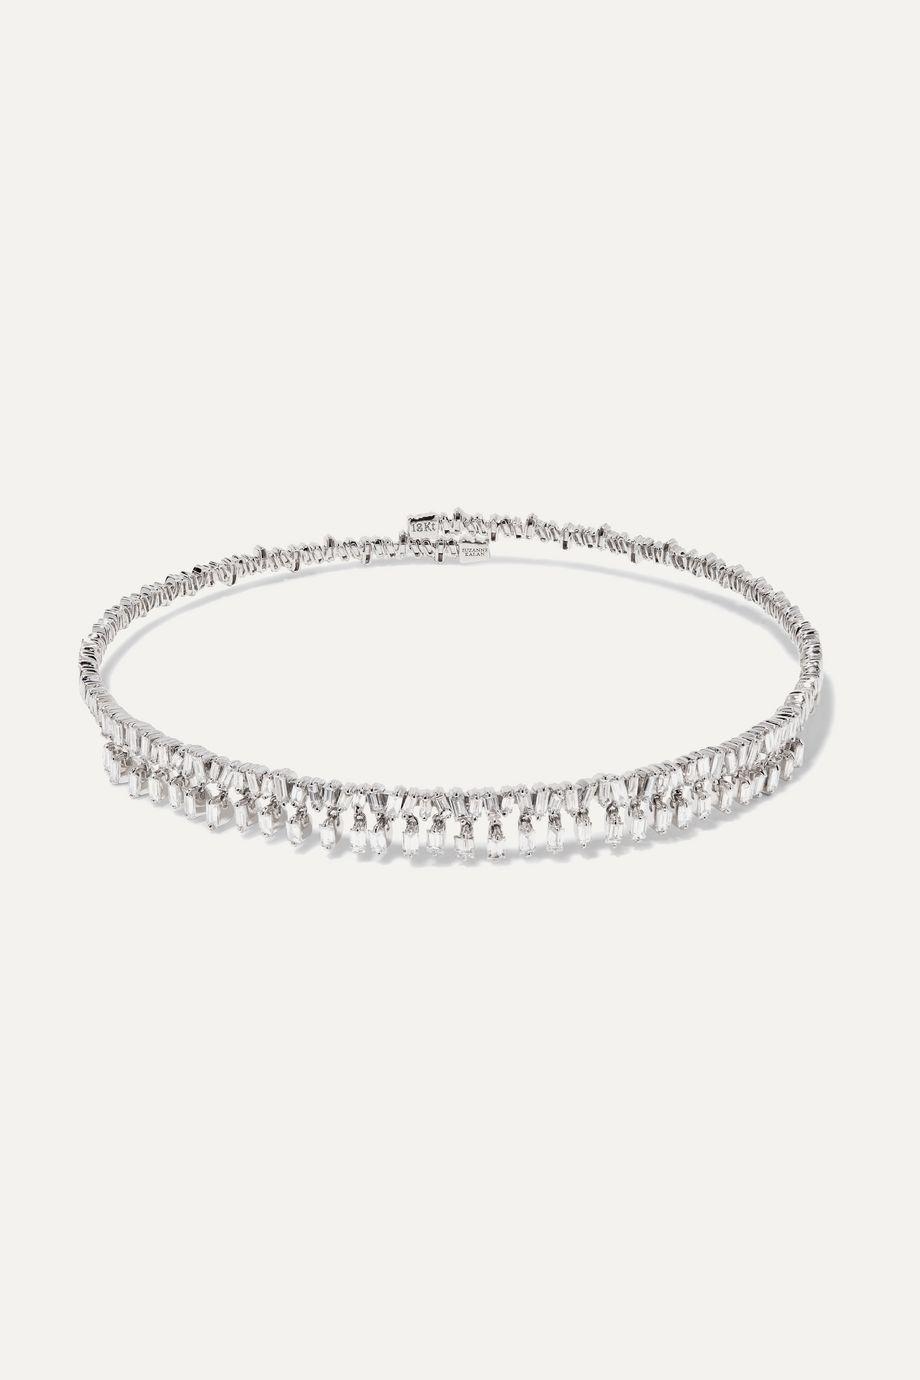 Suzanne Kalan Tour de cou en or blanc 18 carats et diamants